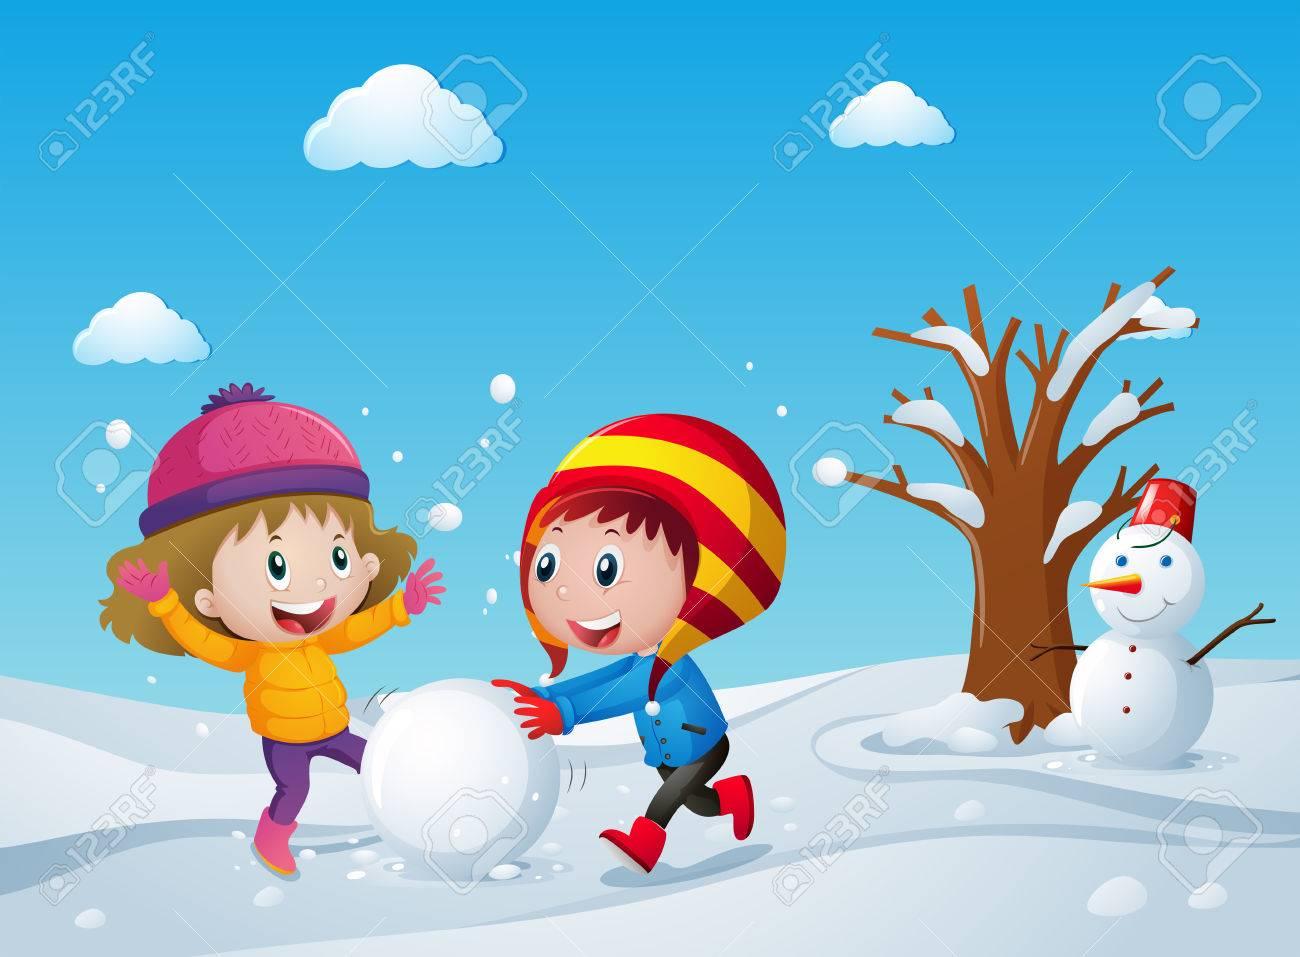 Ninos Jugando En El Campo De Nieve Ilustracion Ilustraciones